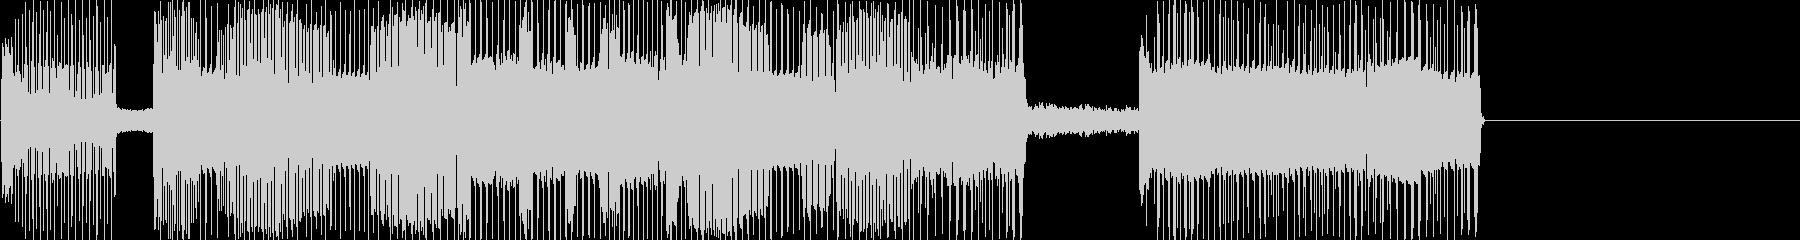 レトロゲームなチップチューンジングル1の未再生の波形